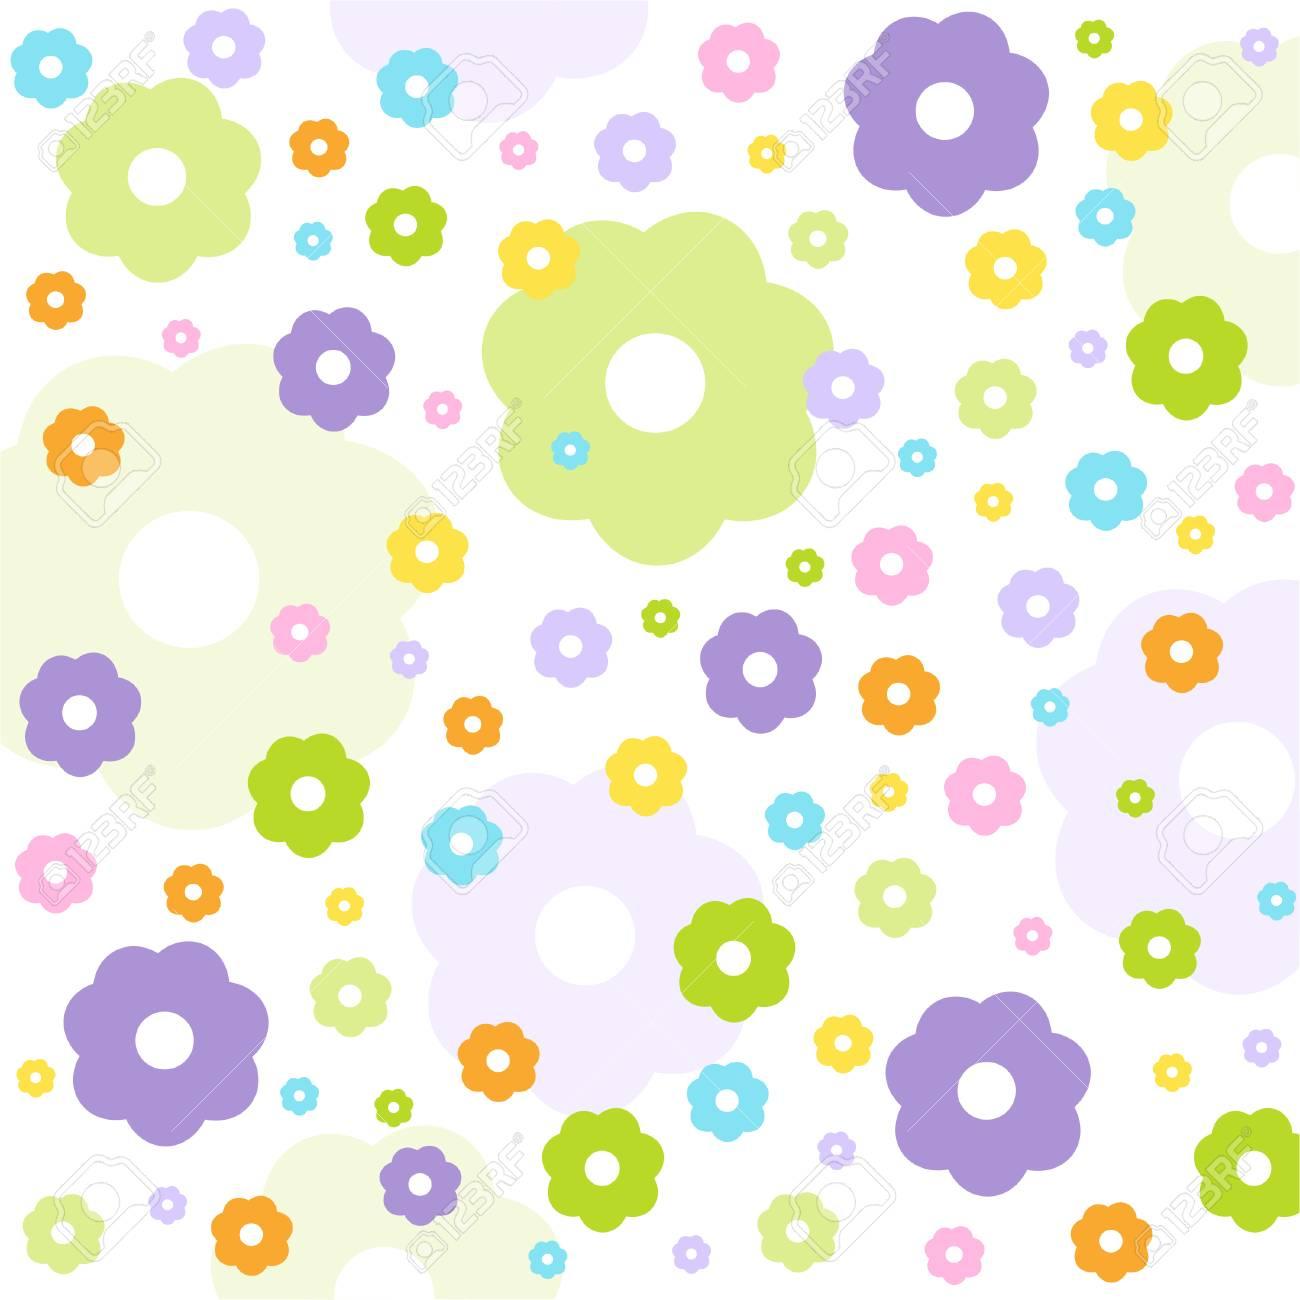 シームレス花柄壁紙のイラスト素材 ベクタ Image 22765942